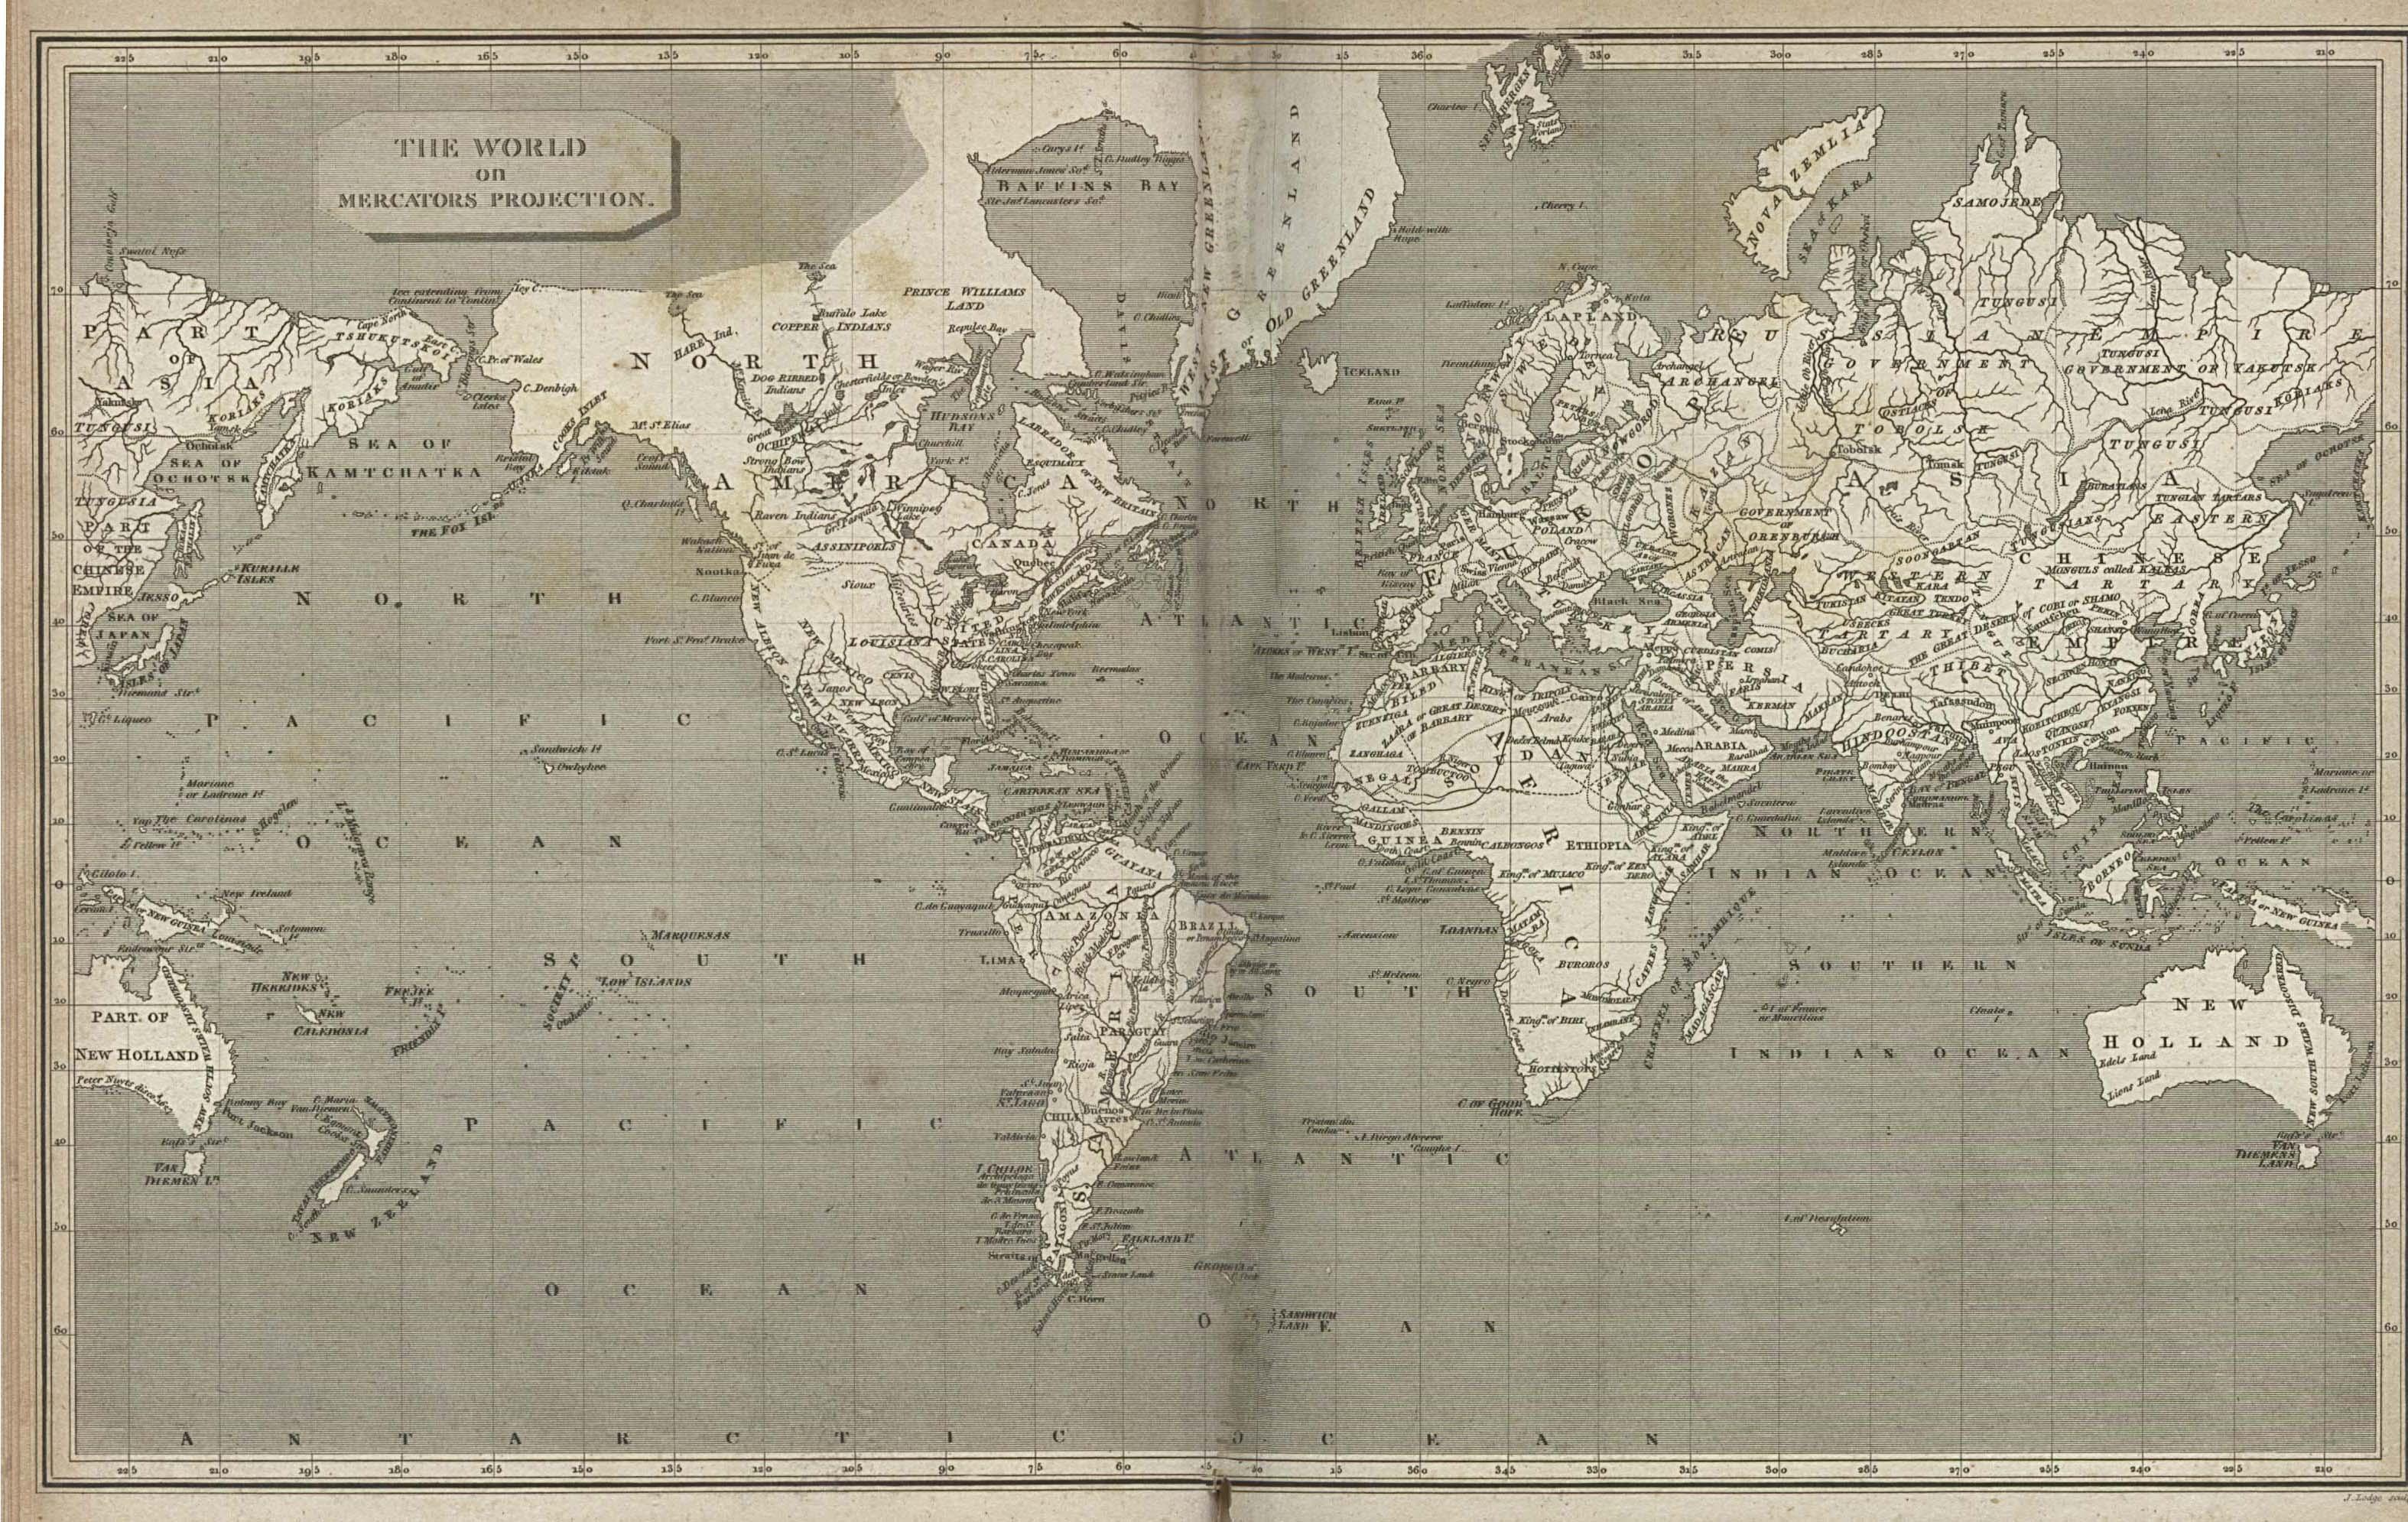 Mapa del Mundo con Proyección de Mercator 1820